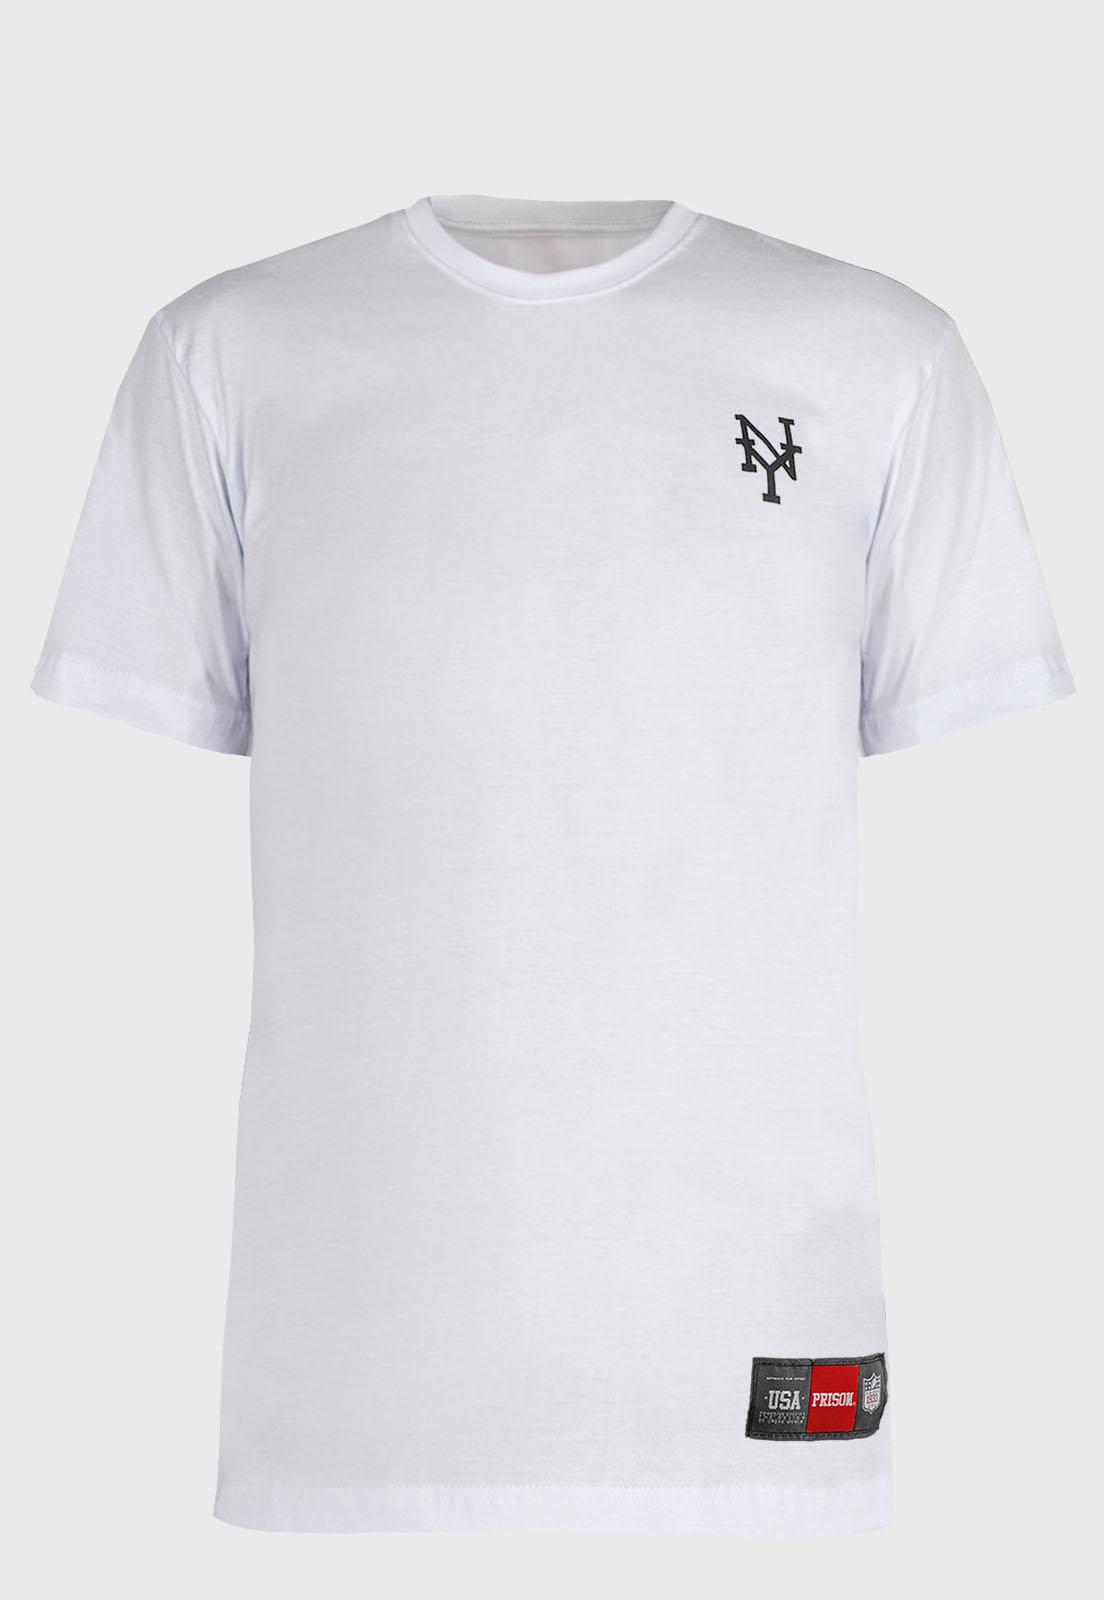 Camiseta streetwear Prison Tie-dye NY White